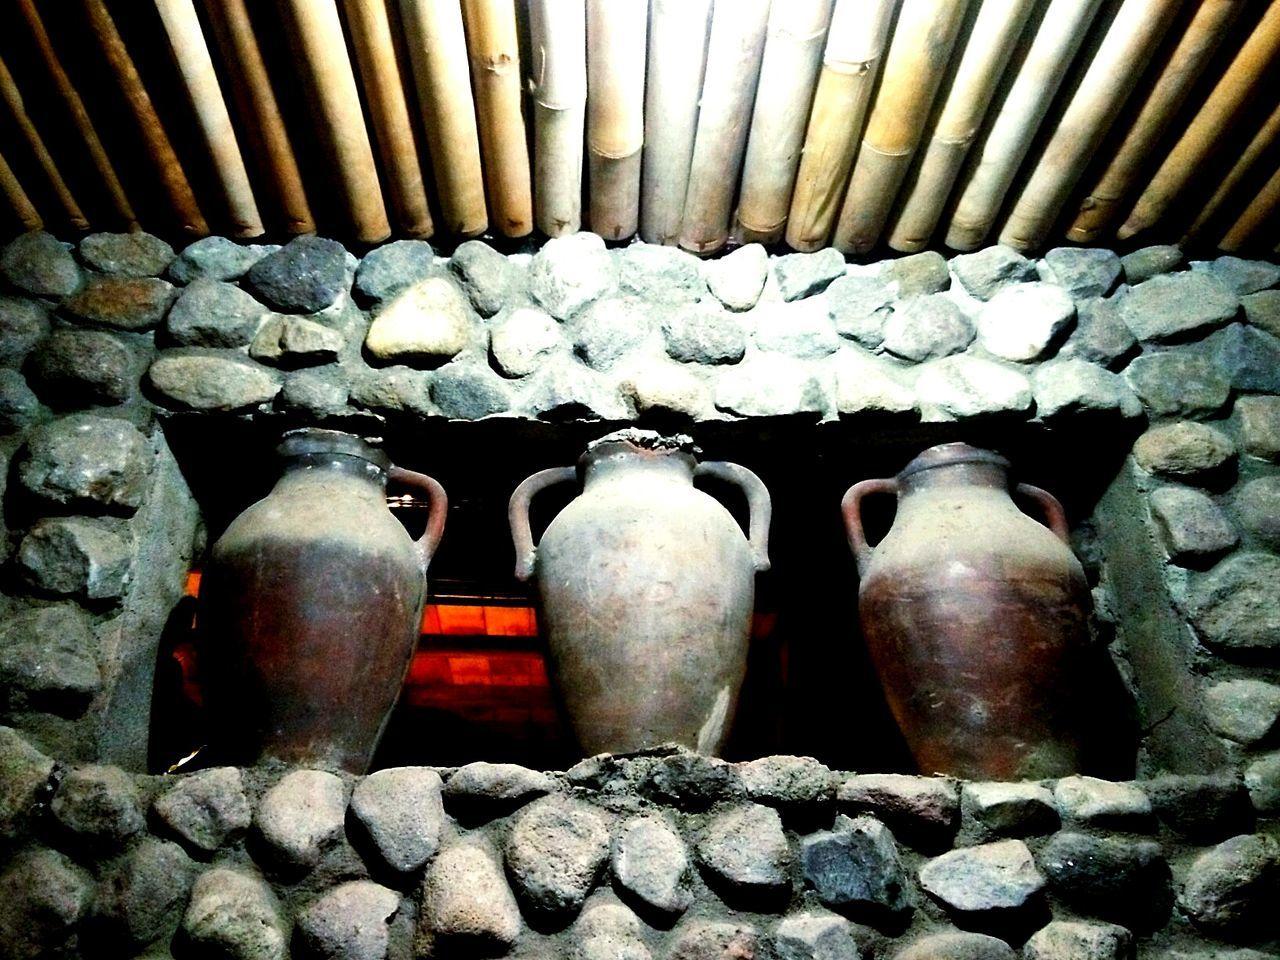 Stones Jars